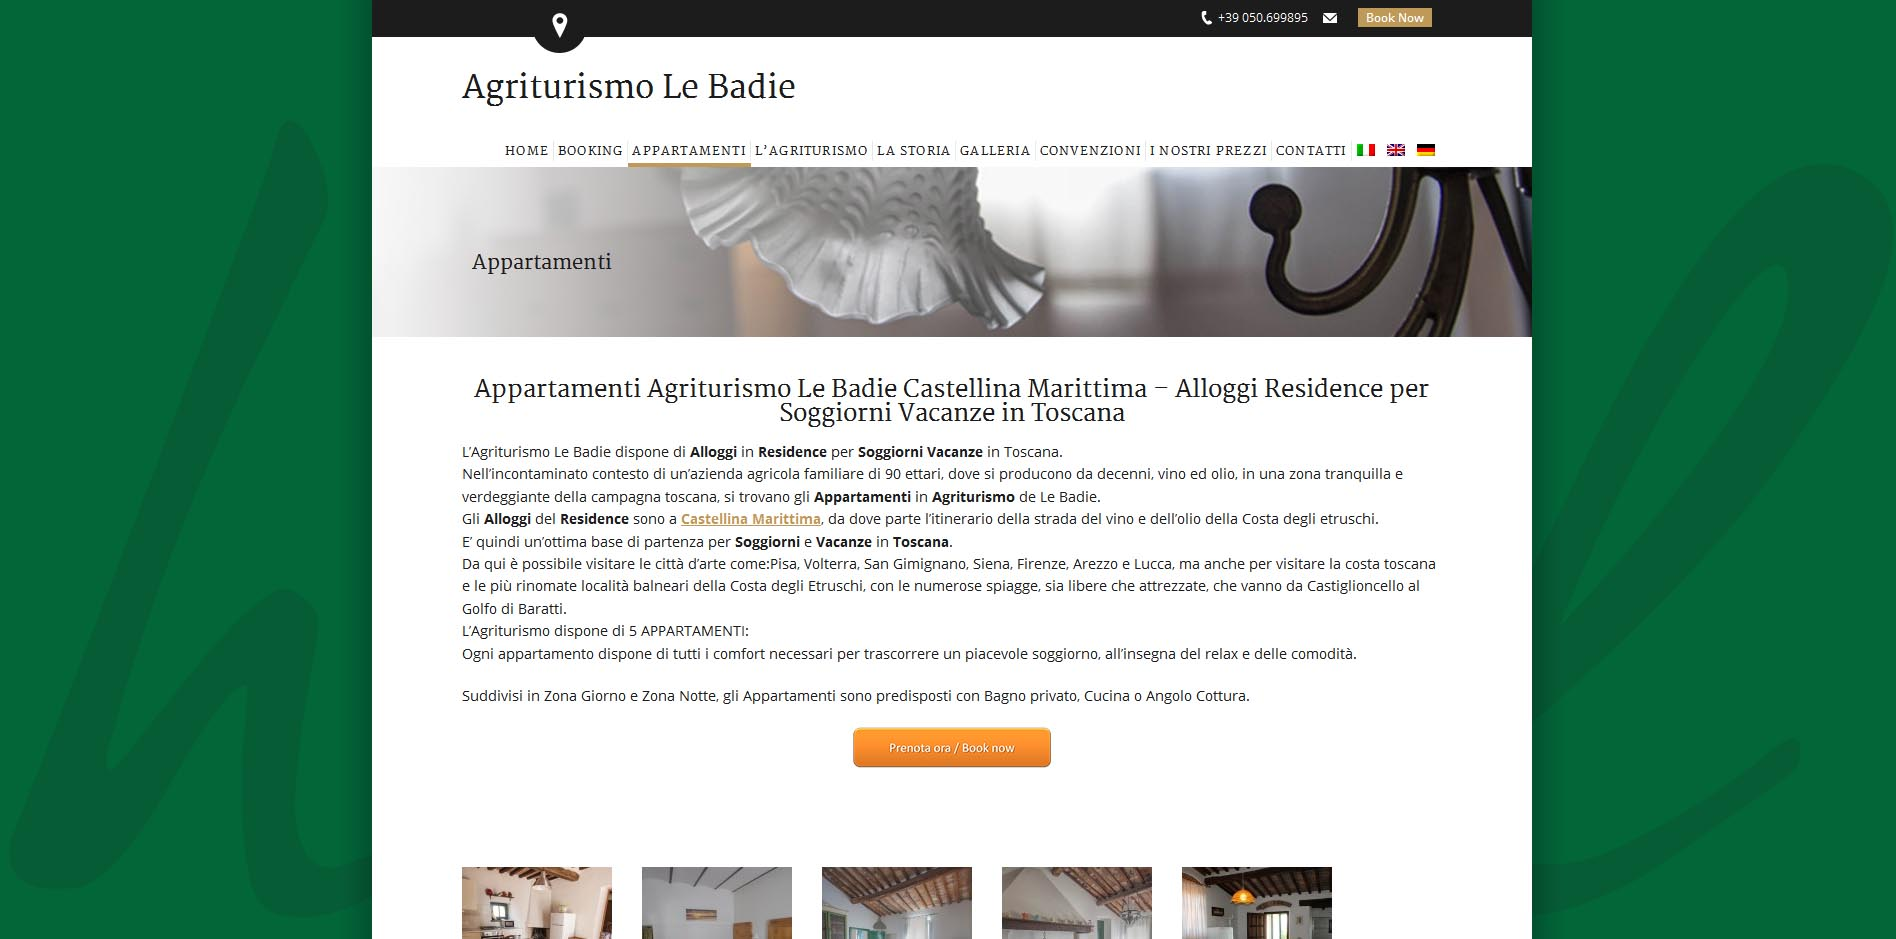 Agriturismo Le Badie